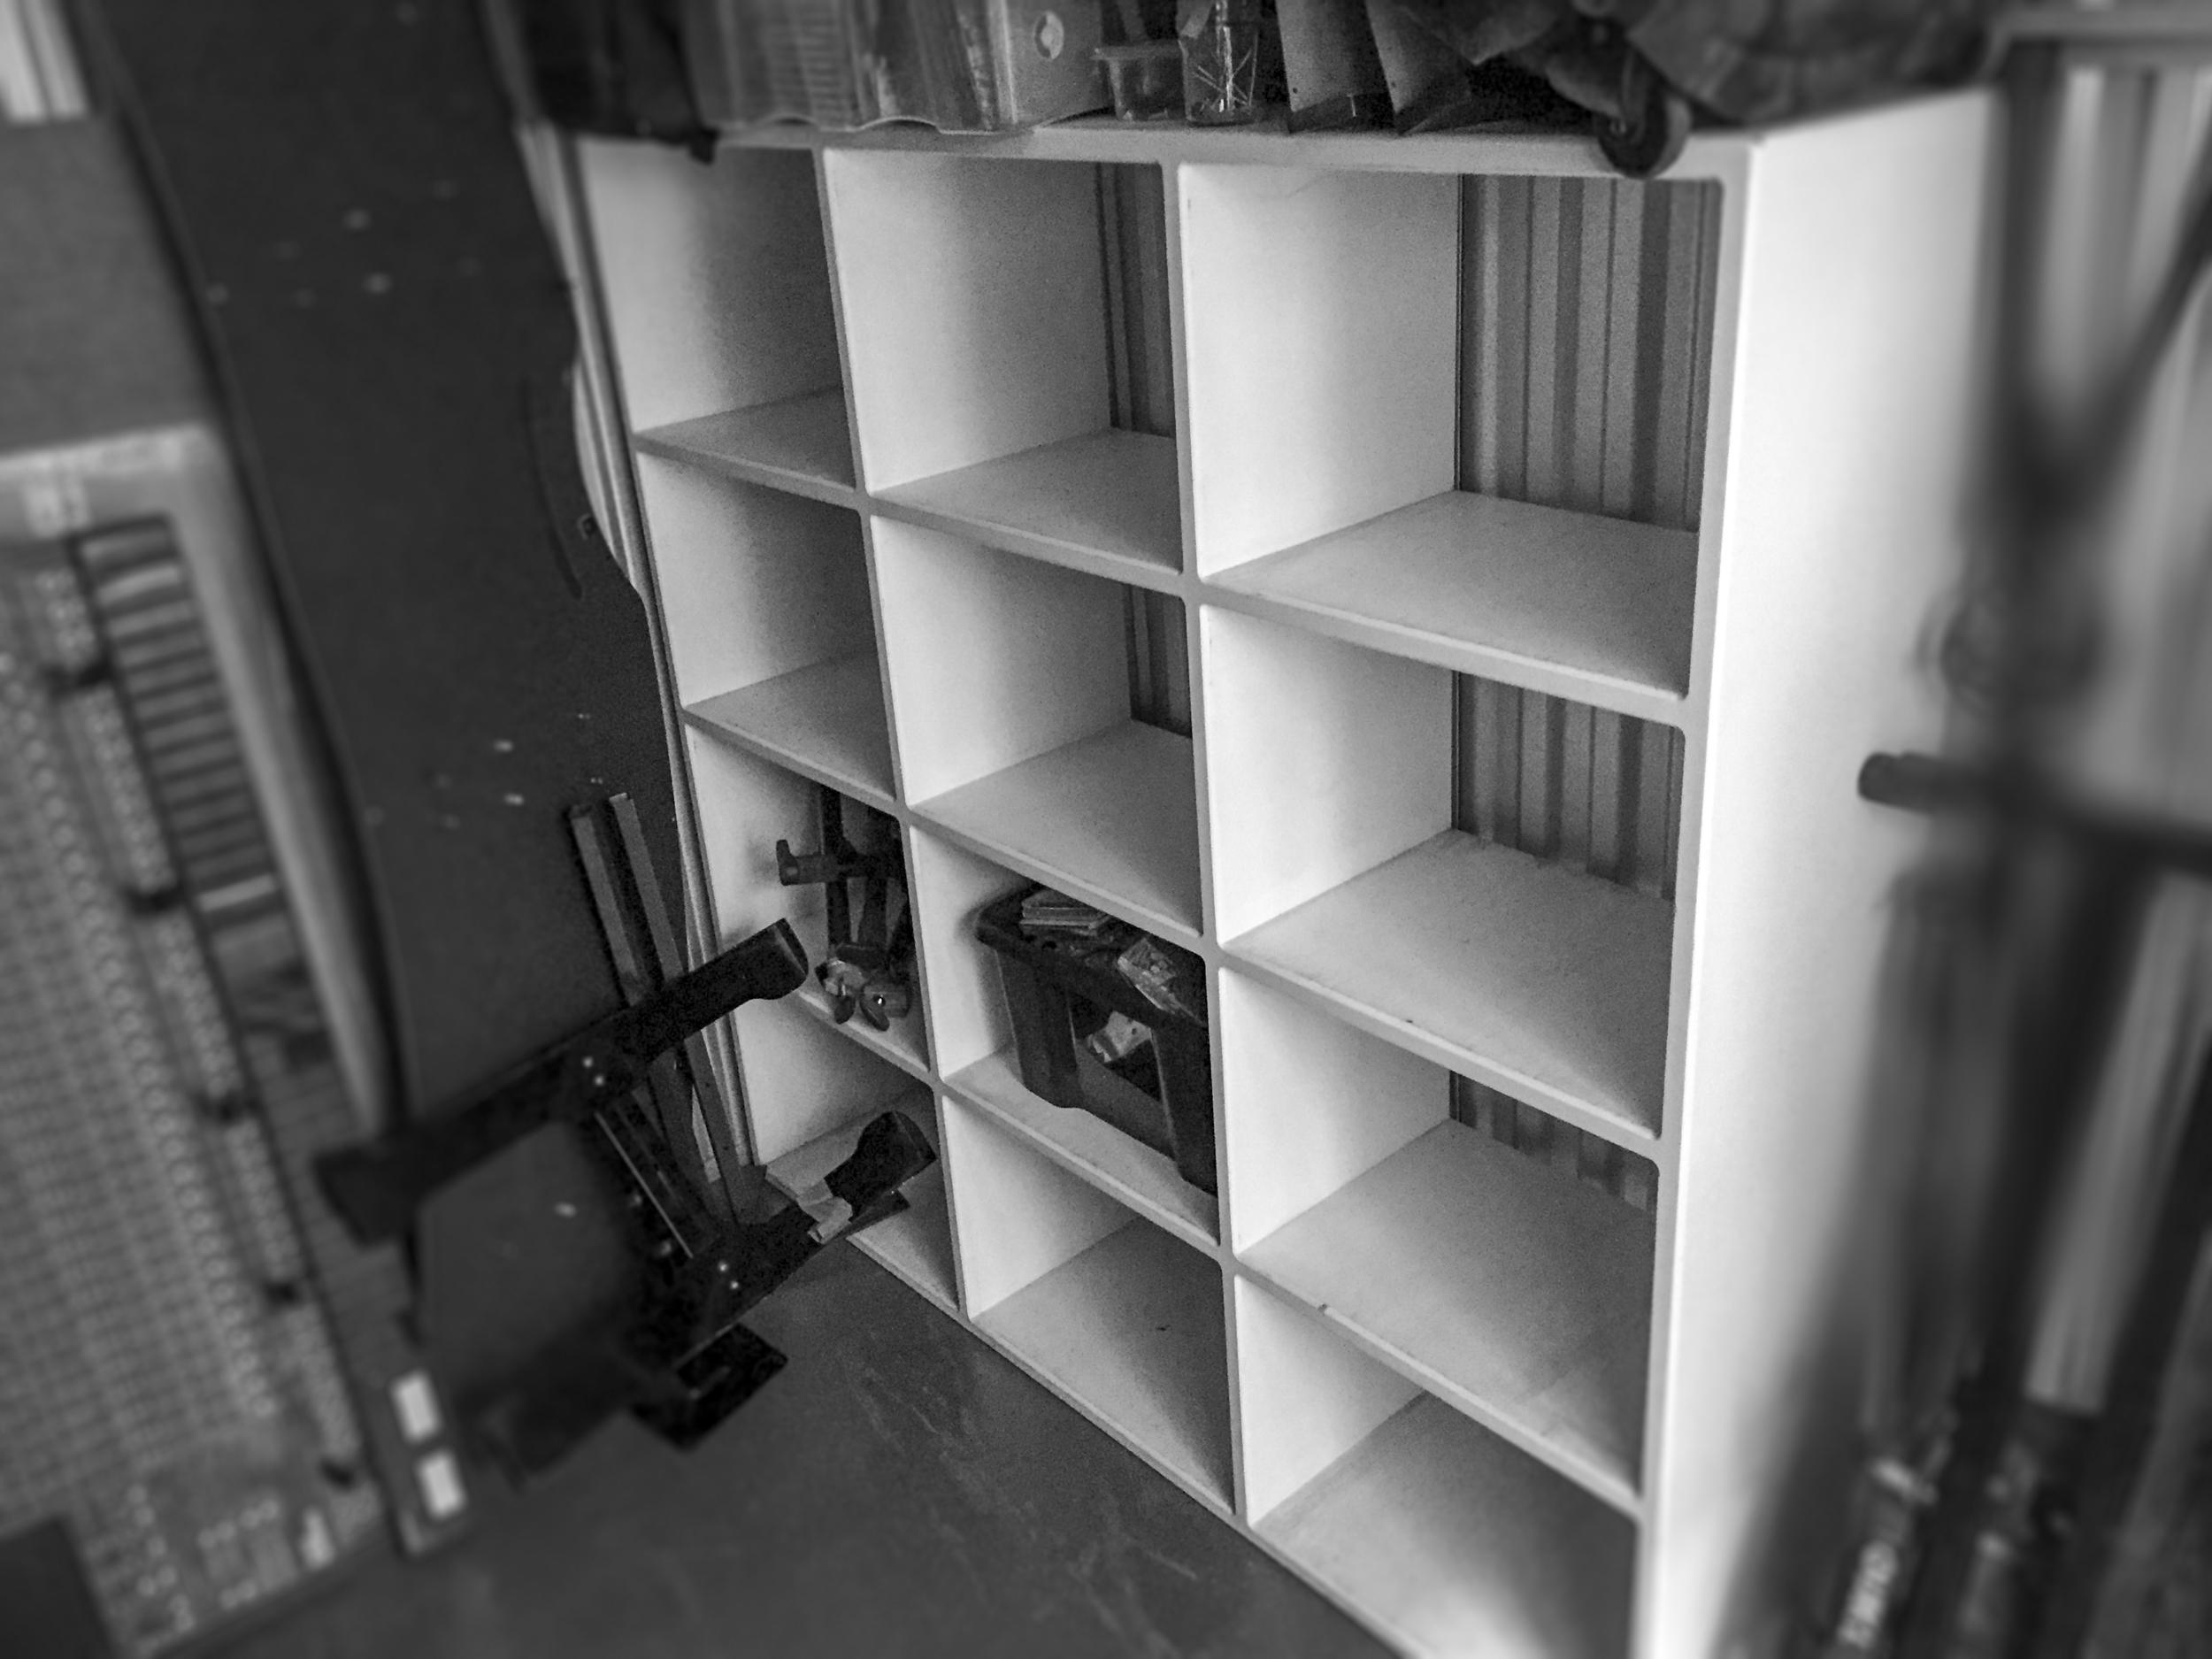 simon_shackleton_record_collection